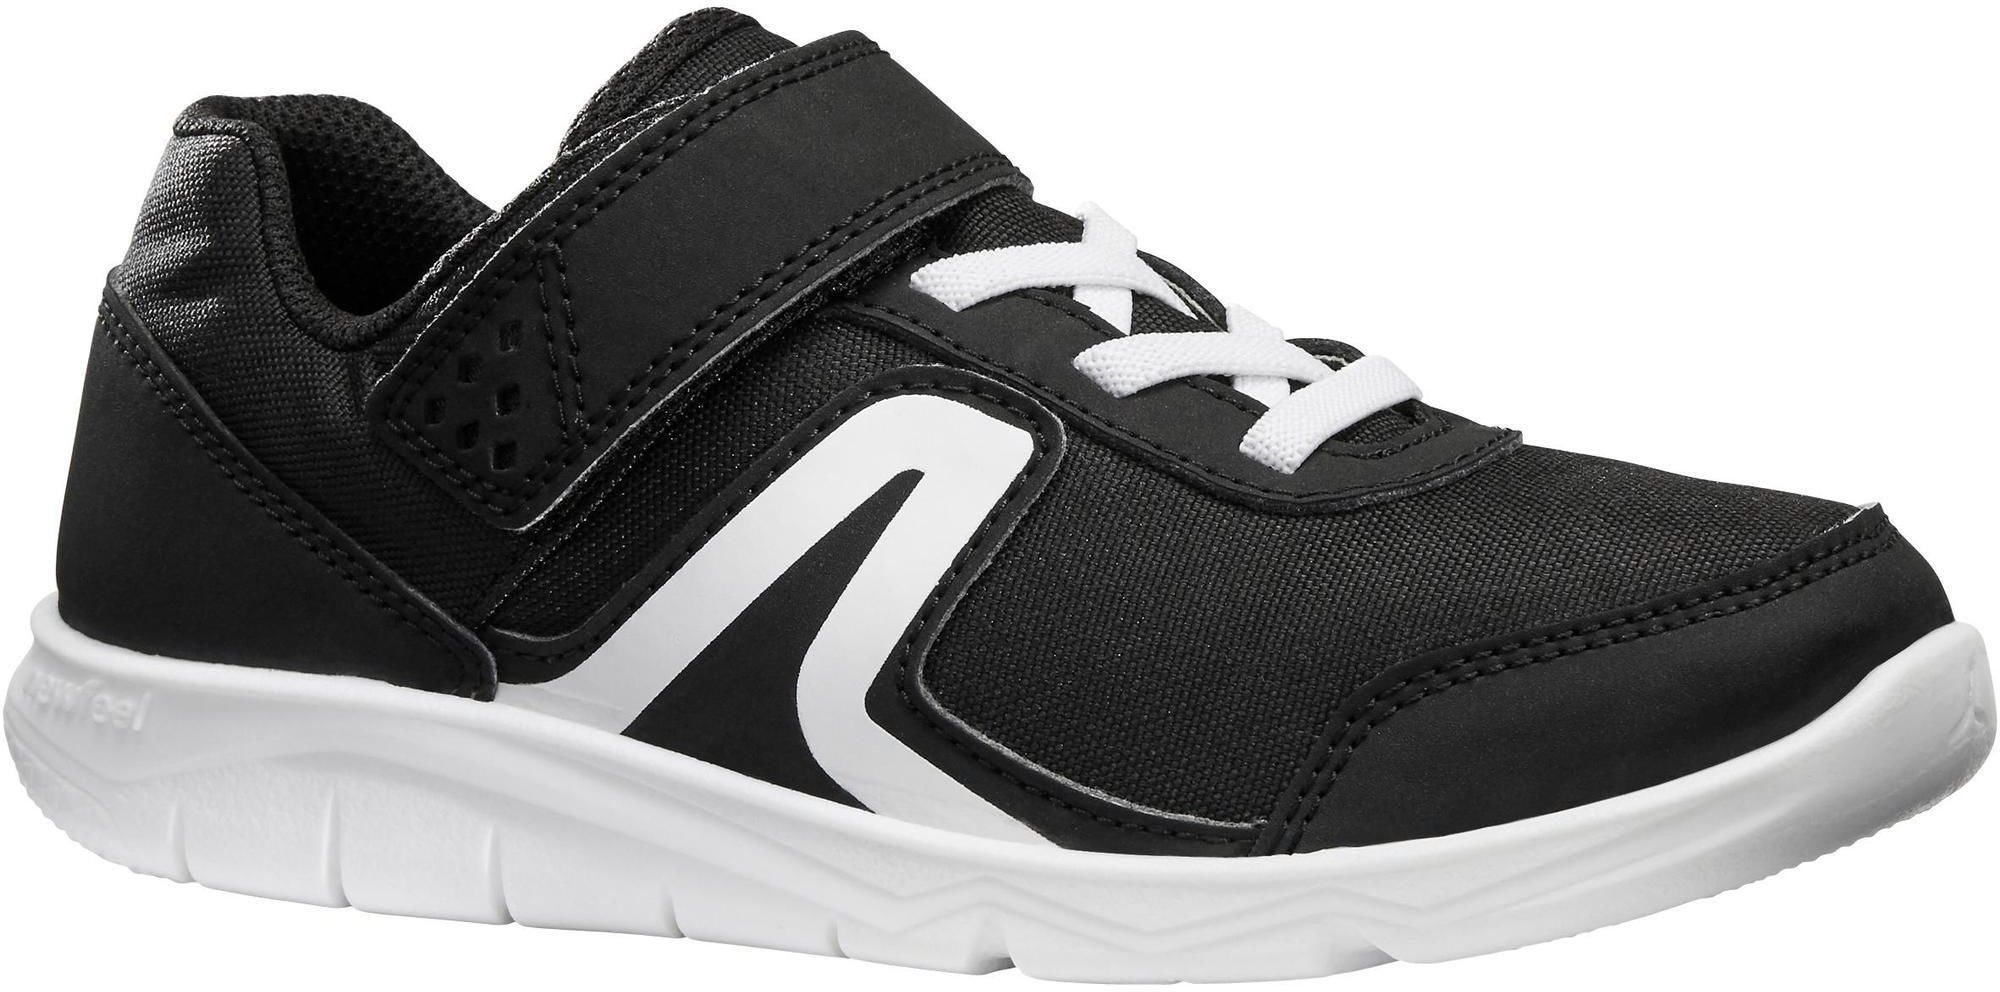 Buty do chodzenia dla dzieci Newfeel PW 100